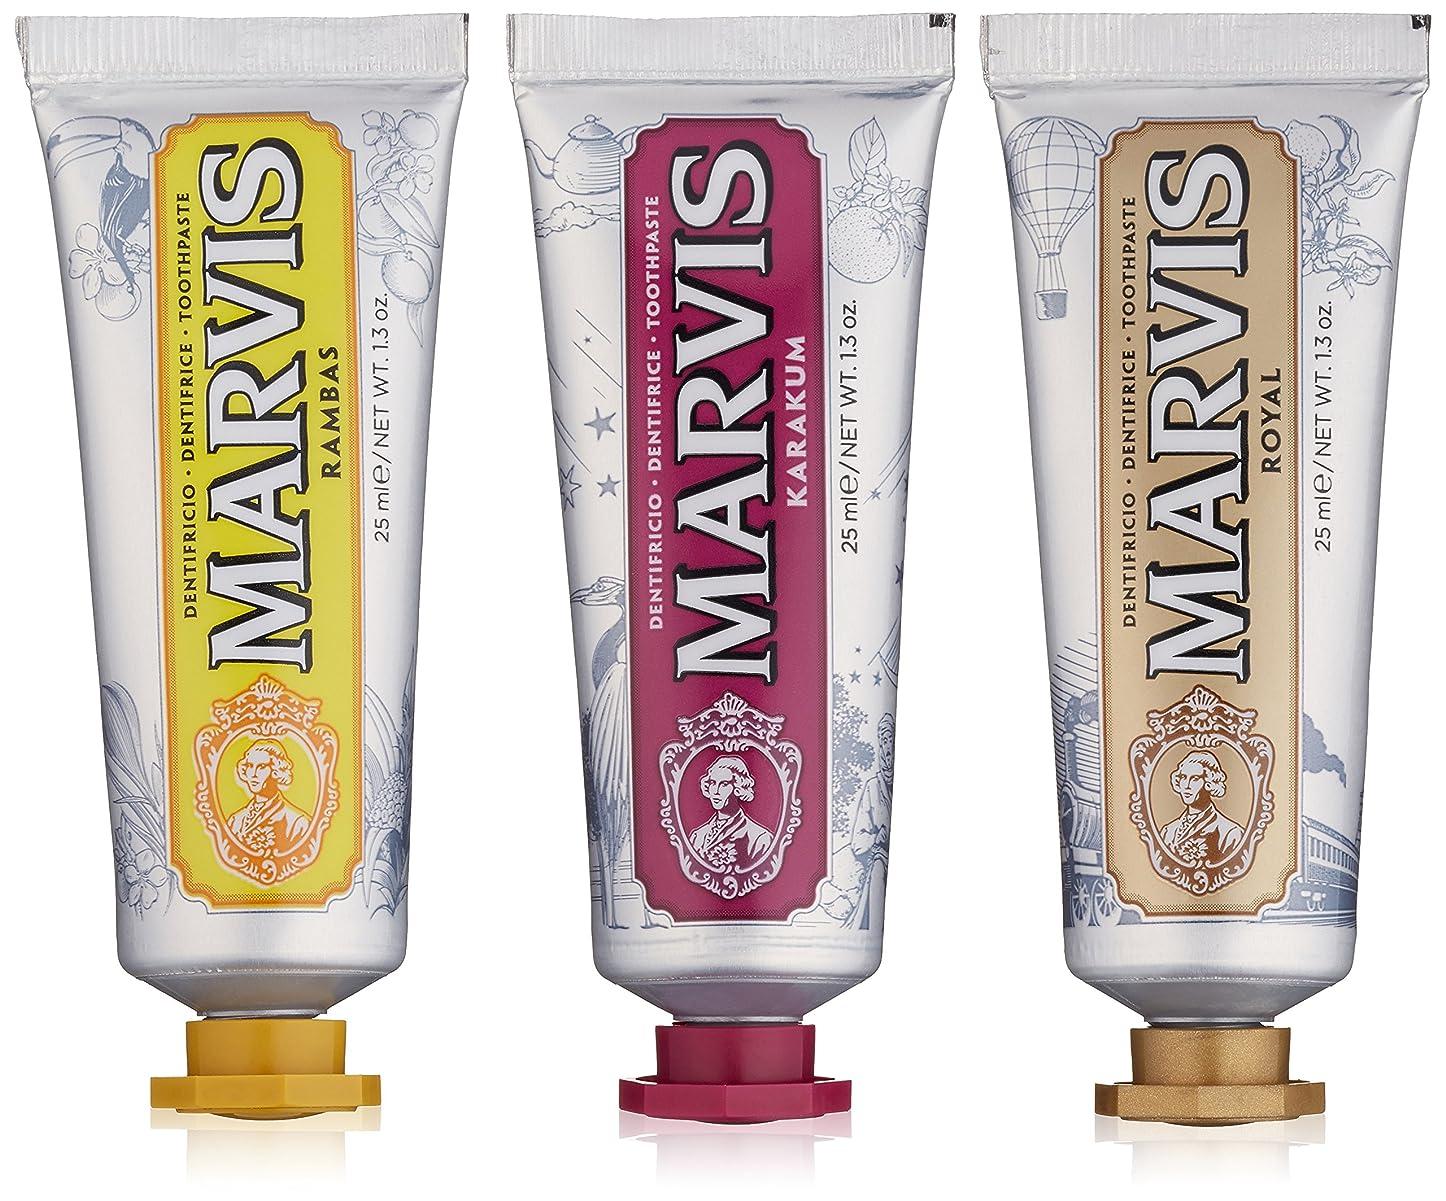 励起ロール礼儀MARVIS(マービス) ワンダーズオブザワールド コレクション (歯みがき粉) 25ml x 3本